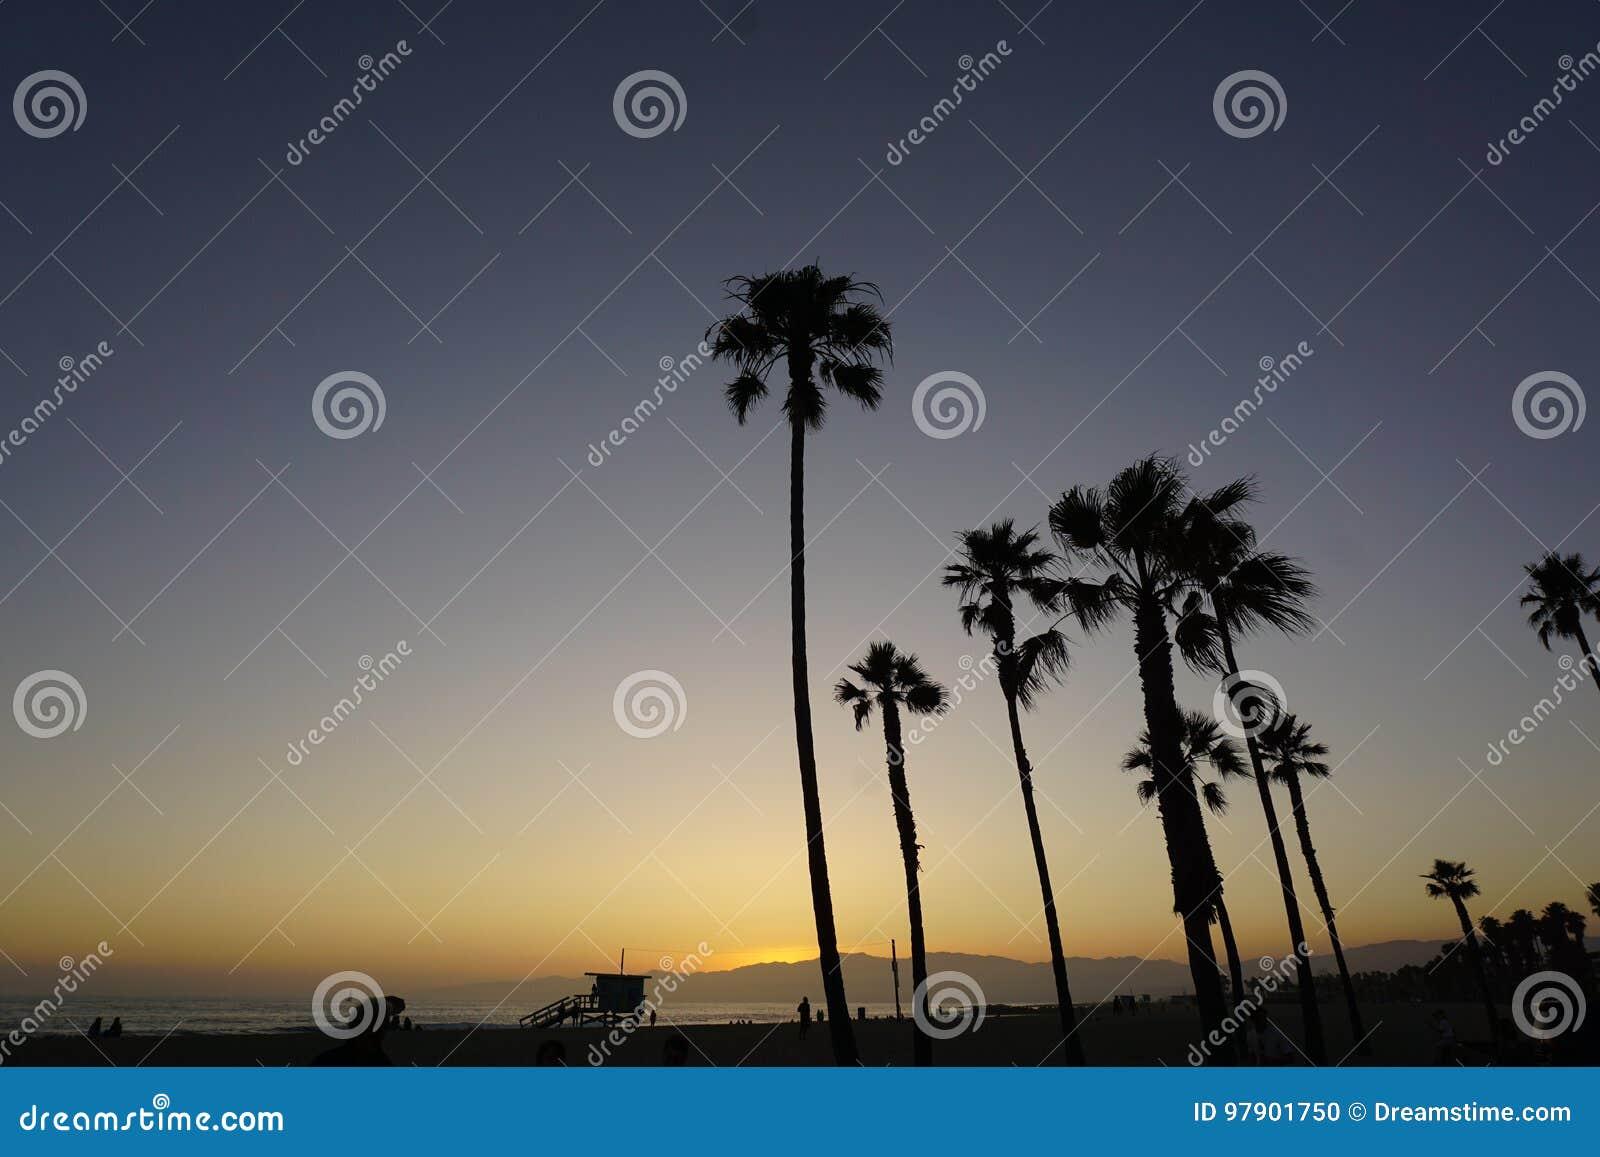 Plage de Venise, Los Angeles, la Californie Etats-Unis